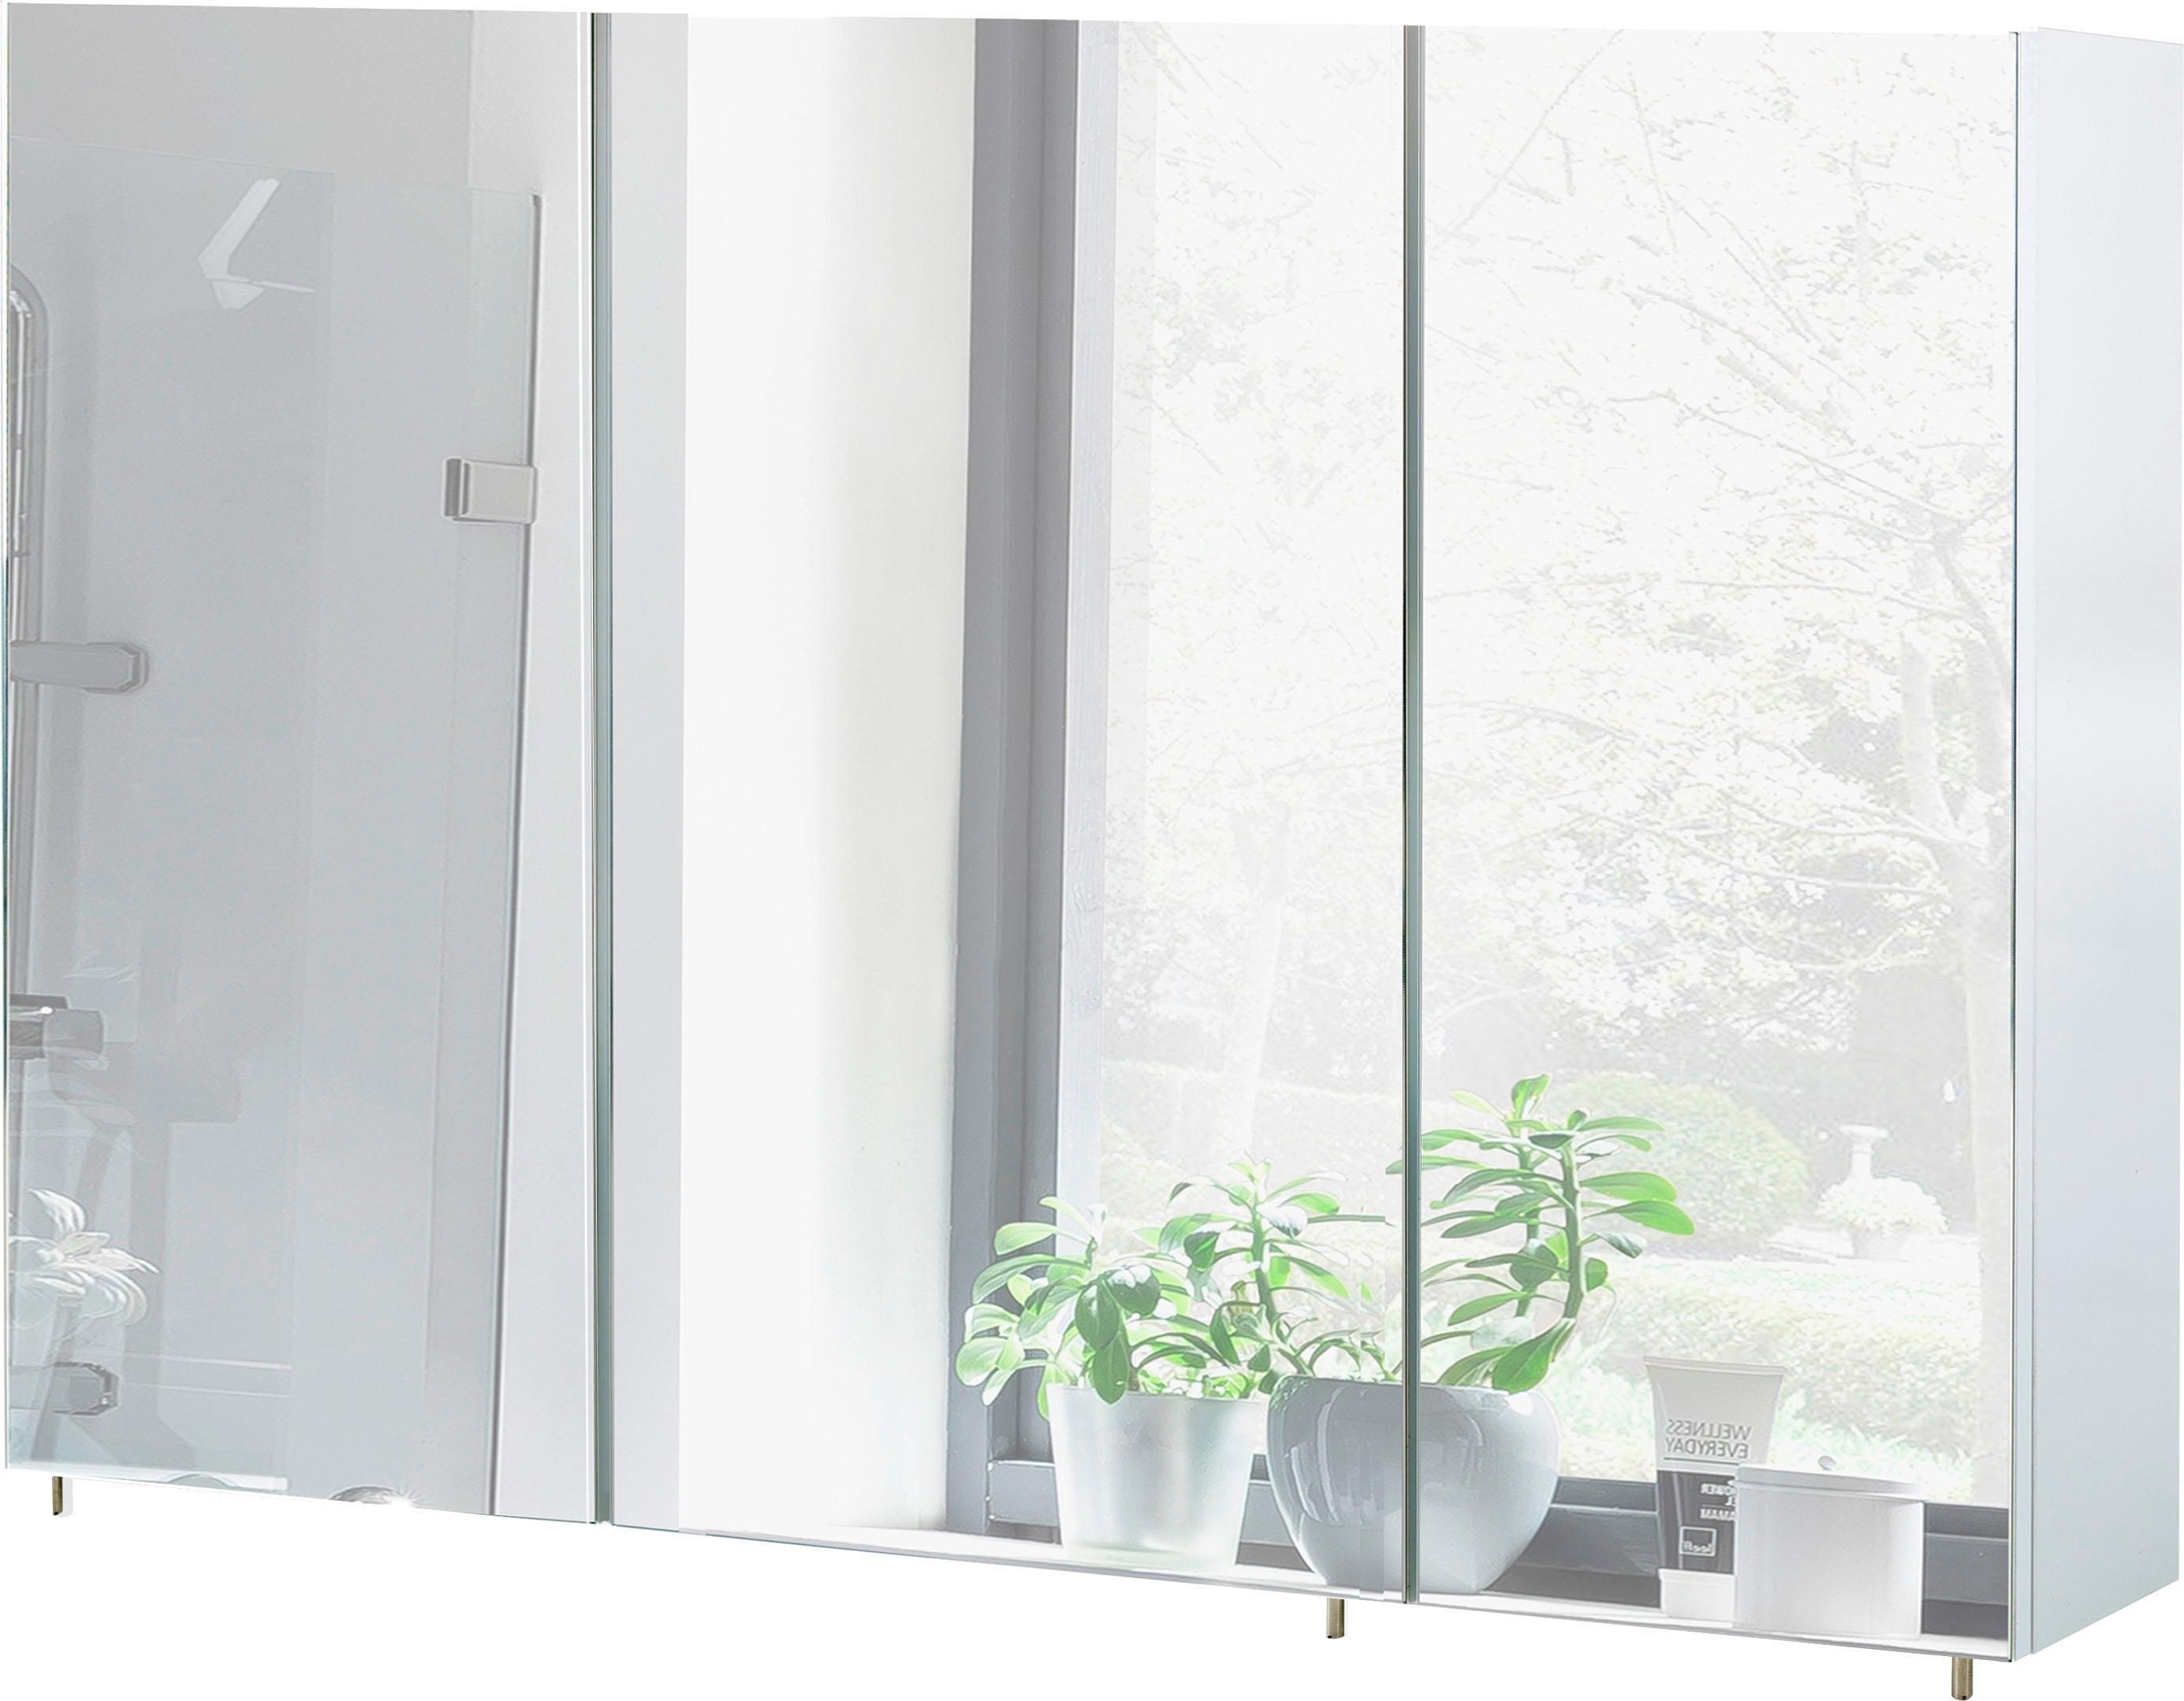 Schildmeyer spiegelkast Basic Breedte 120 cm, 3-deurs, glasplateaus, Made in Germany nu online kopen bij OTTO